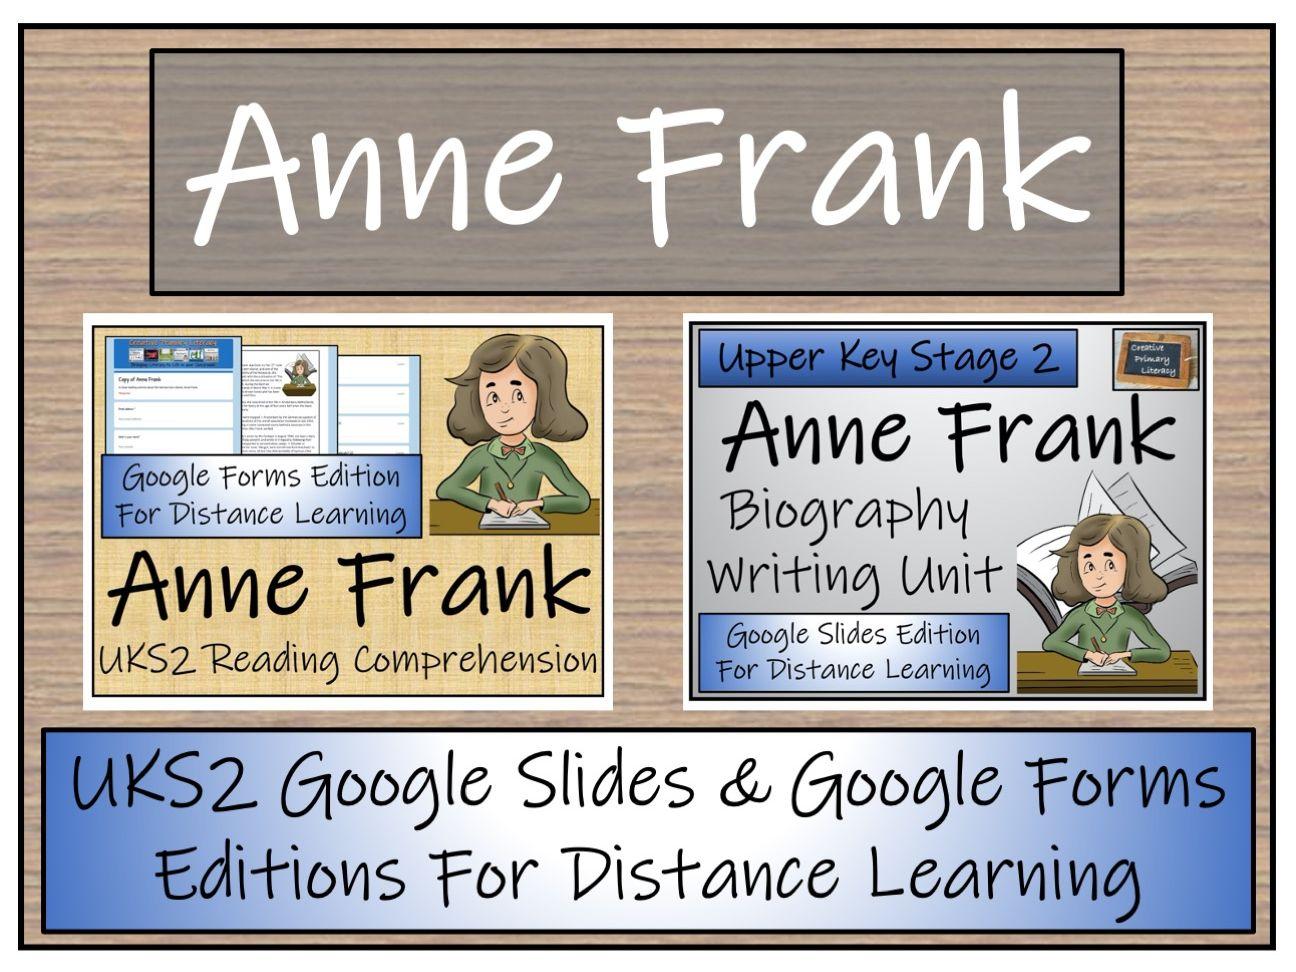 UKS2 Anne Frank Biography & Reading Comprehension Distance Learning Bundle